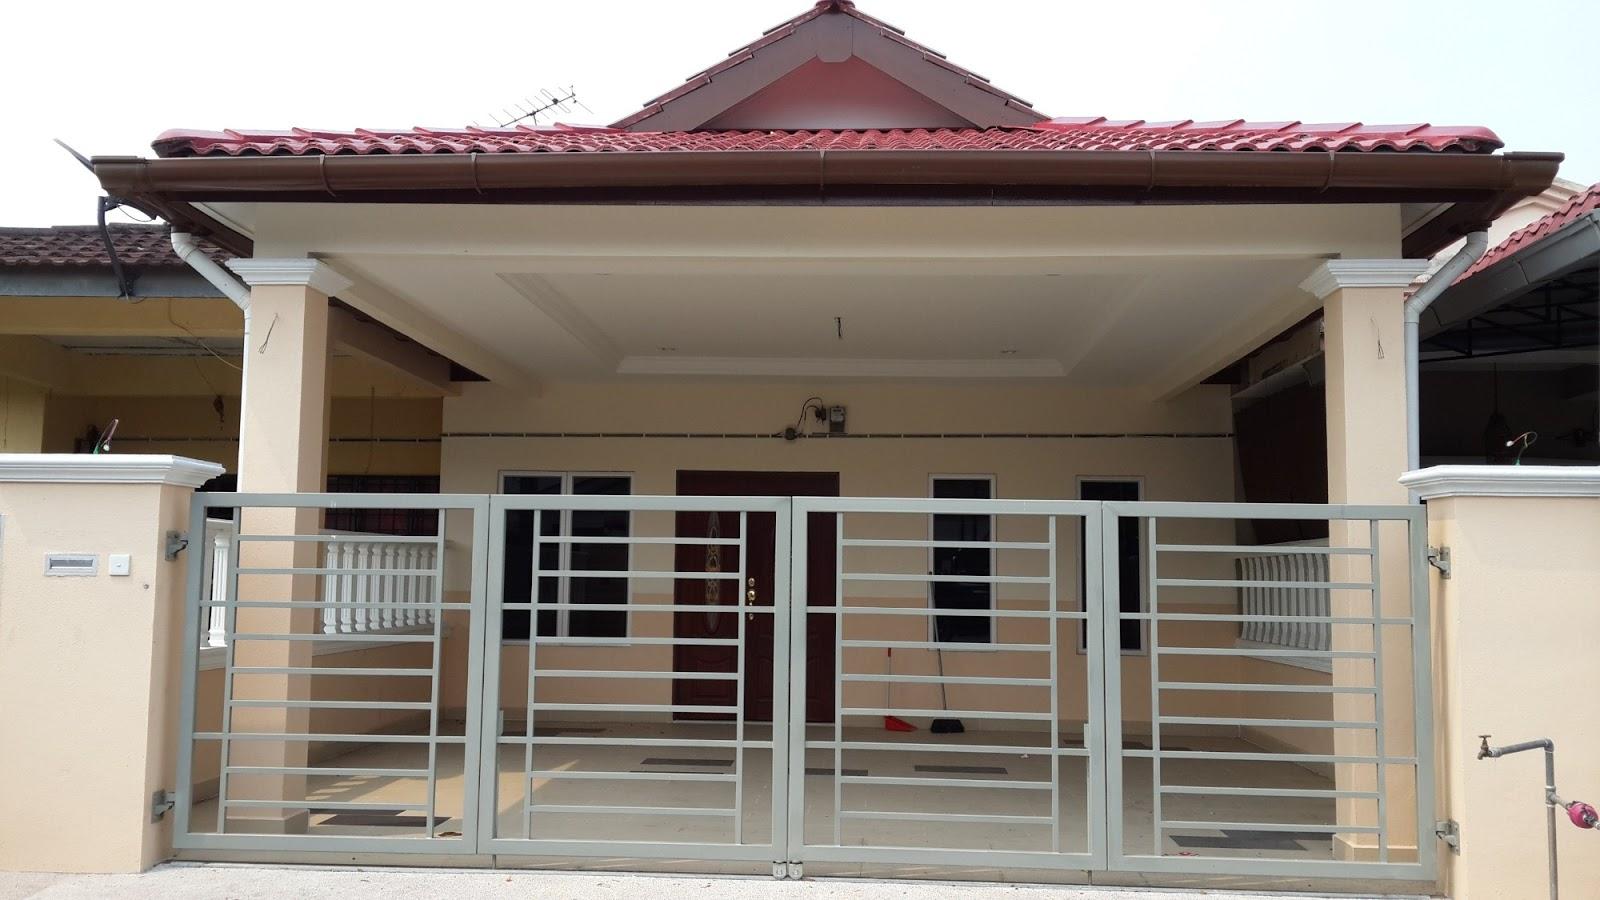 Hartanah4u Meru Klang & Contoh Ubahsuai Rumah Teres Setingkat | Desainrumahid.com